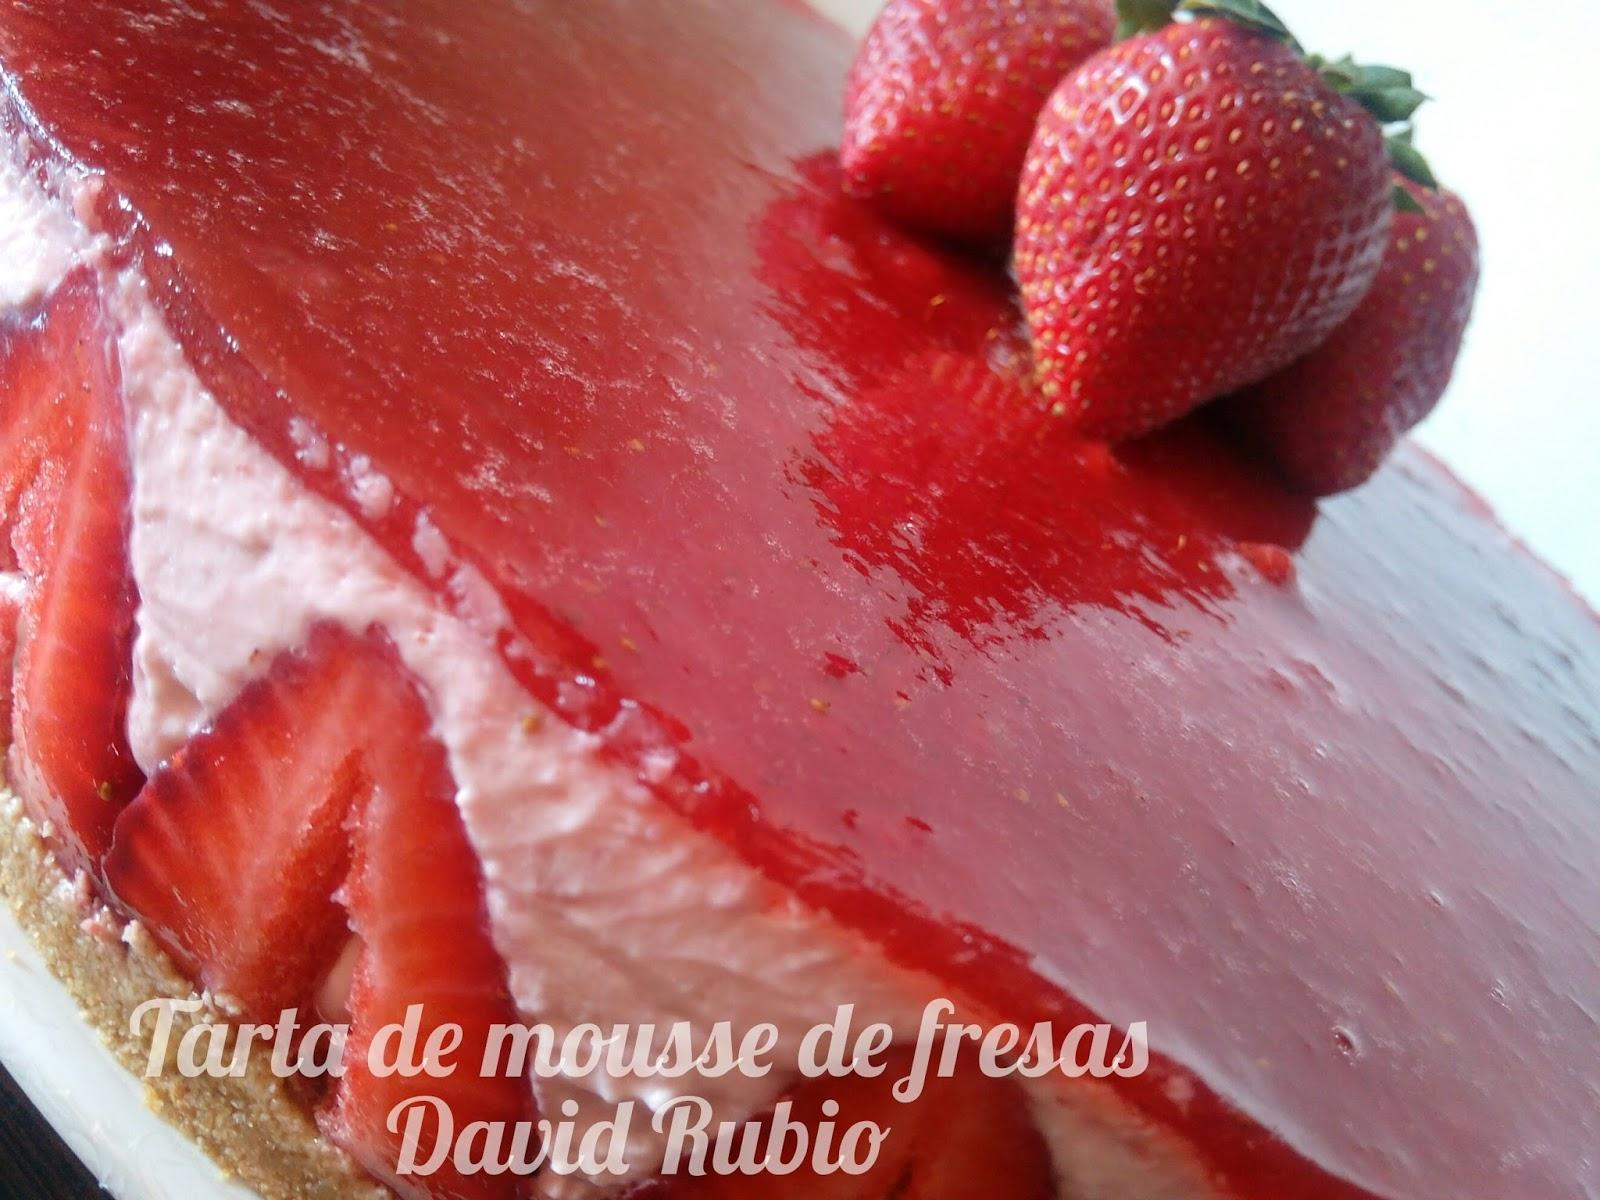 Tarta de mousse de fresas